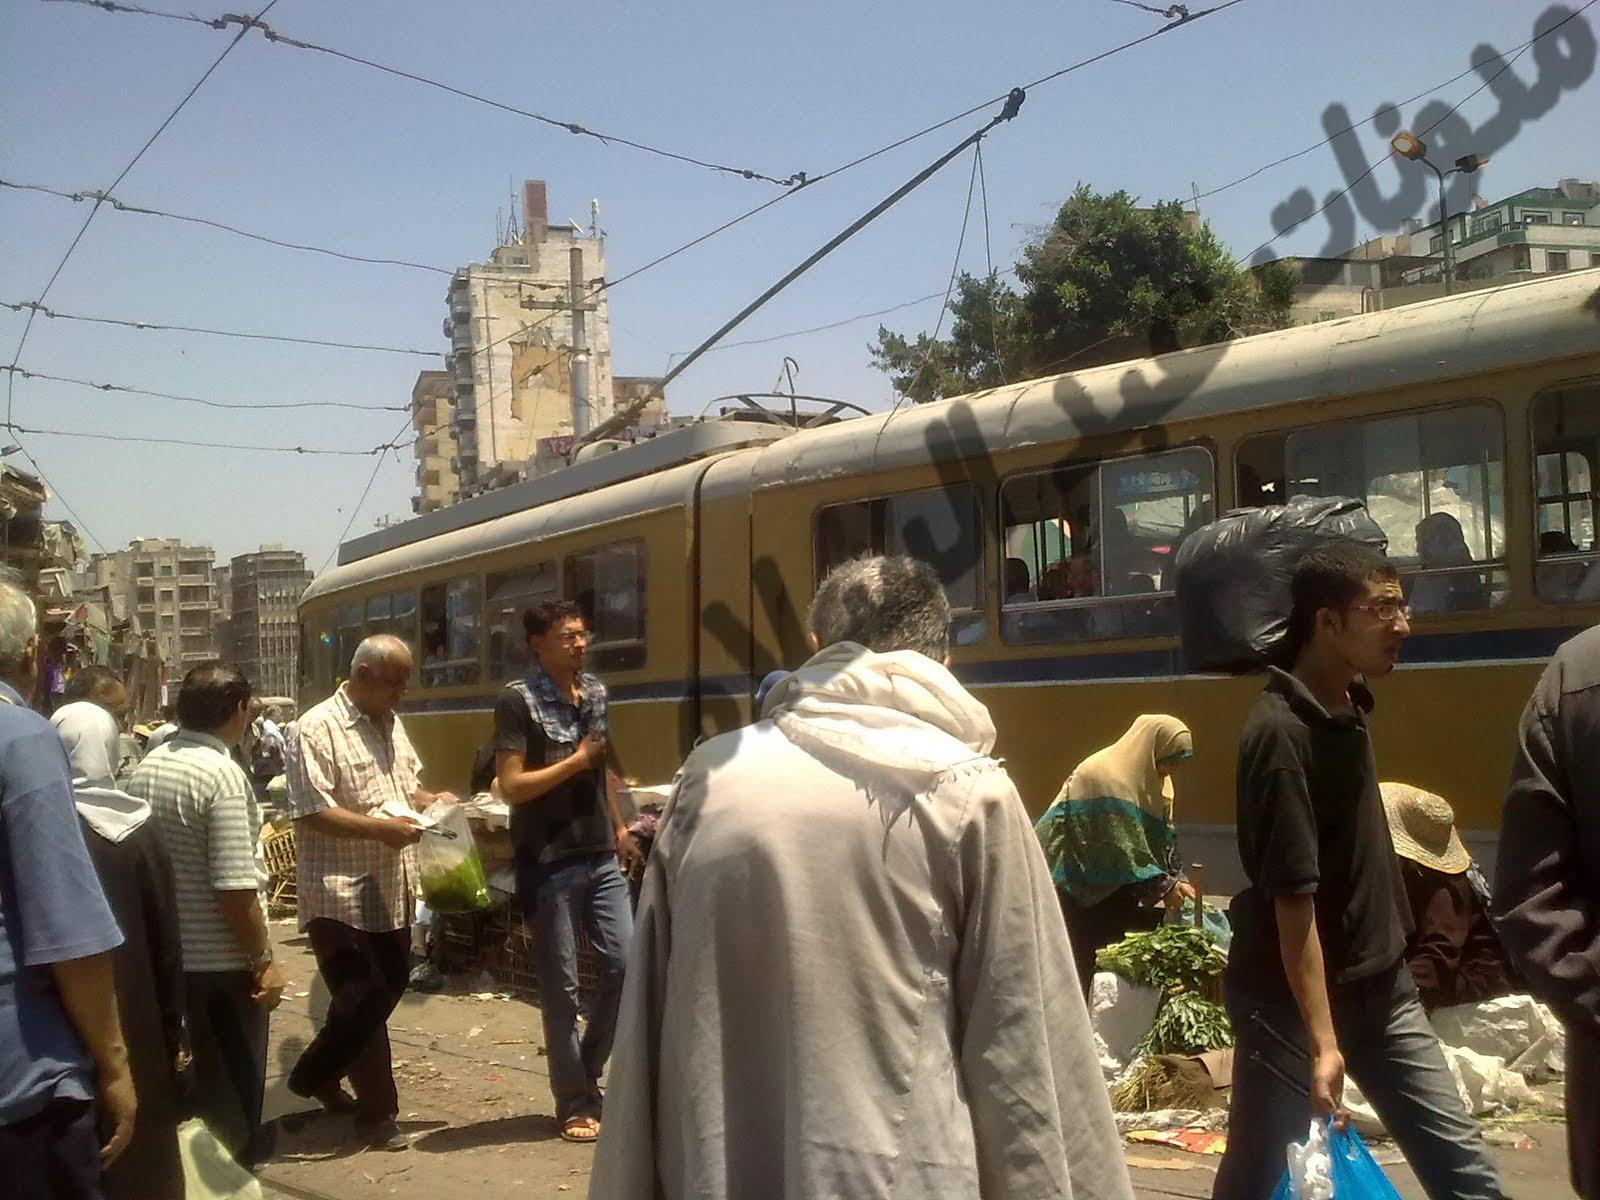 df1a659c5 مدونات عبد السلام إسماعيل (33): معالم الإسكندرية: أسواق تاريخية